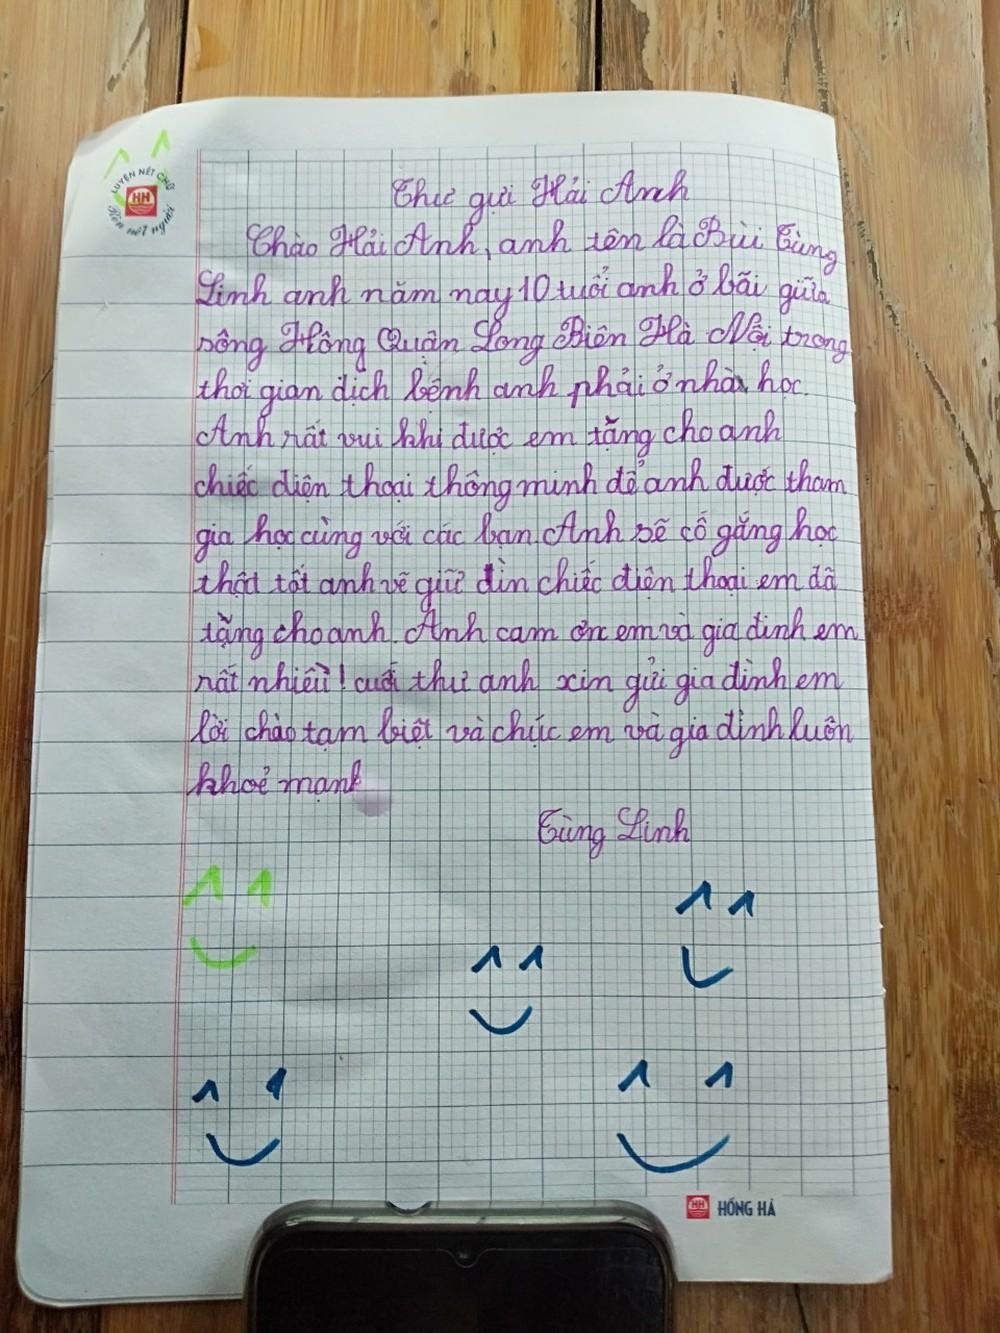 Cậu bé ở nhà nổi ven sông được bạn tặng iPhone học online, lá thư cảm ơn khiến nhiều người xúc động  - Ảnh 4.